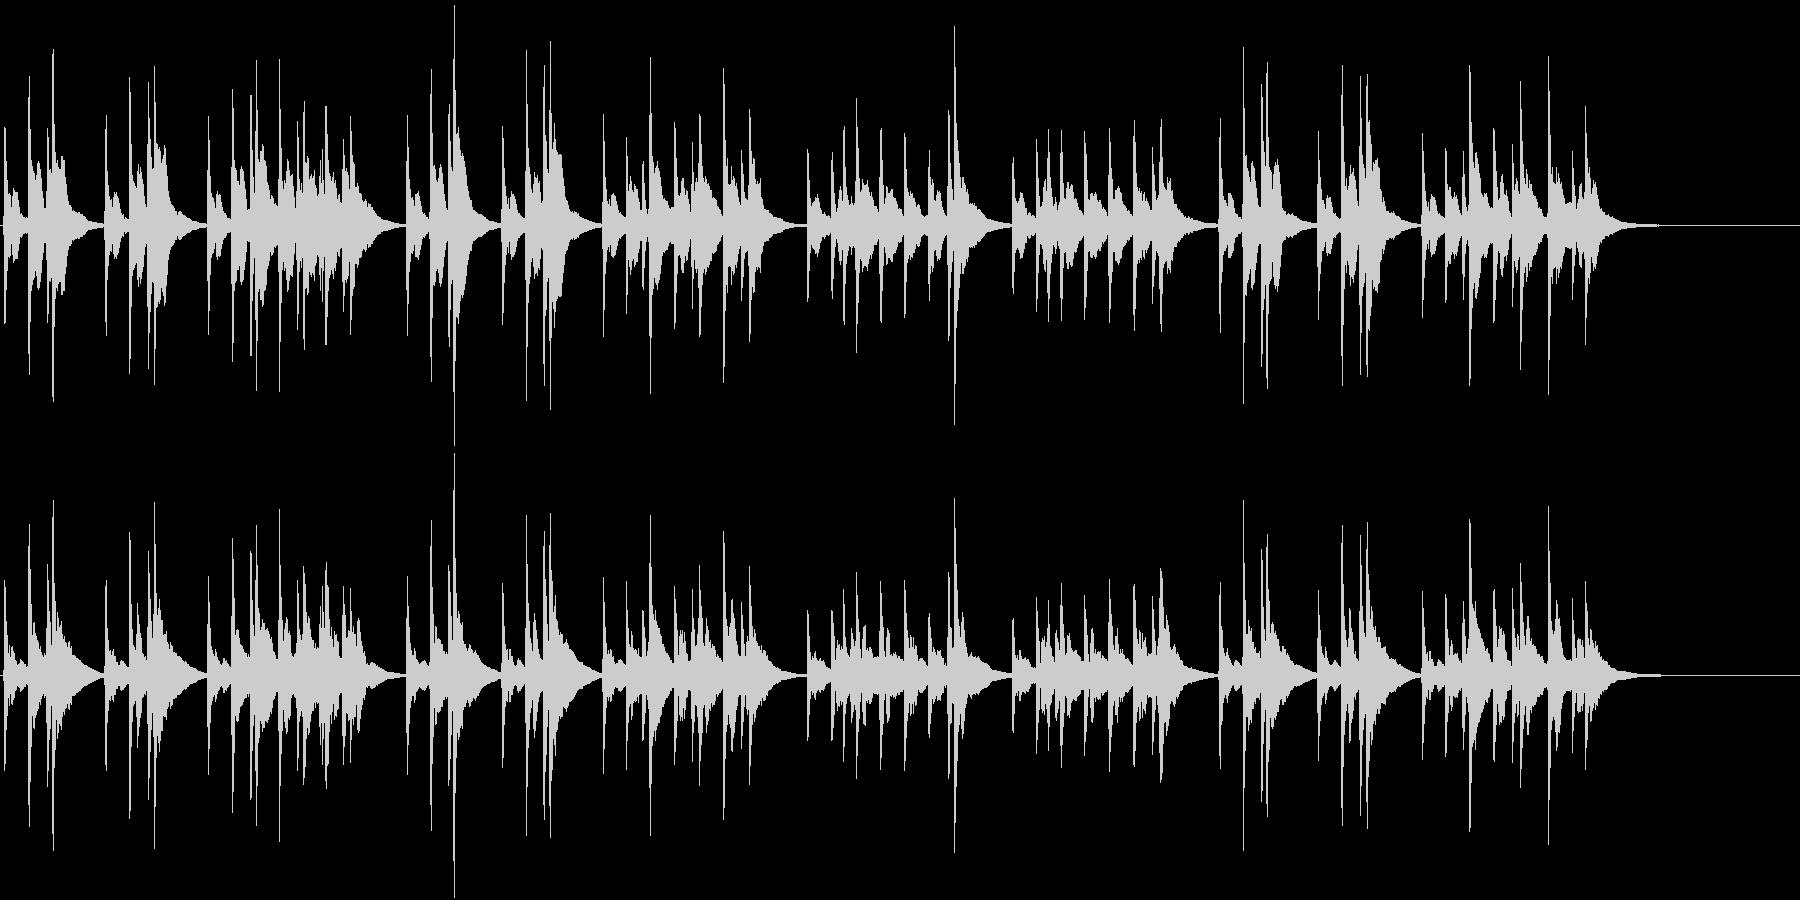 結婚行進曲 婚礼の合唱 オルゴールの未再生の波形